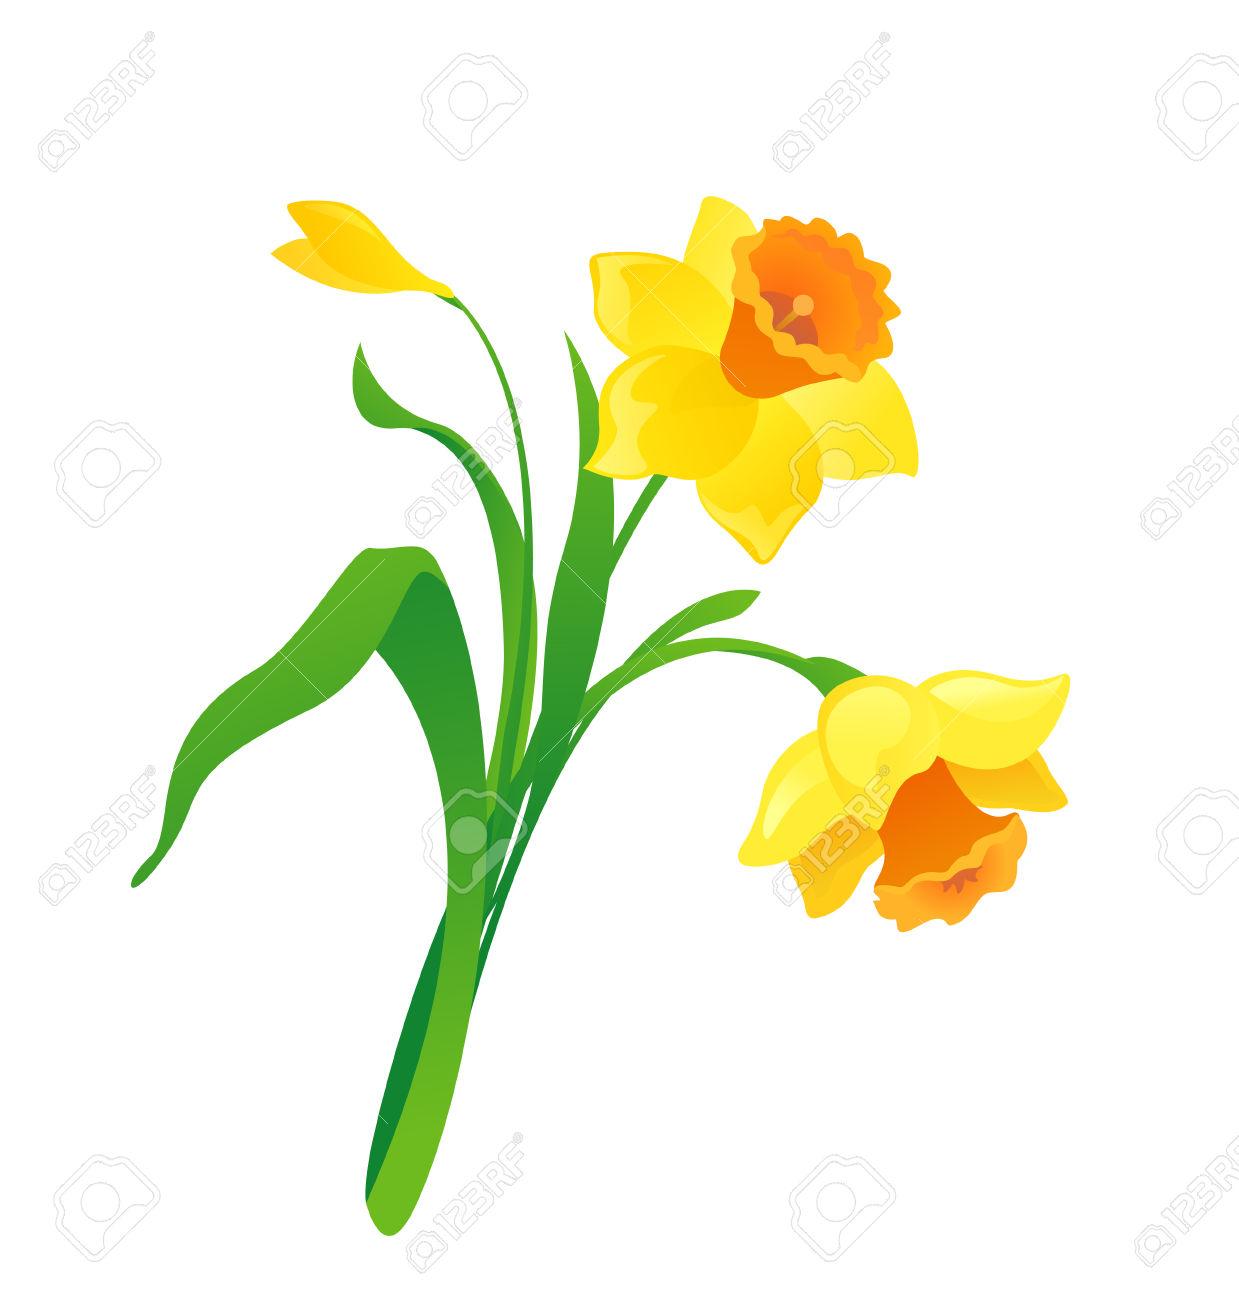 1239x1300 Daffodil Clipart Drawn